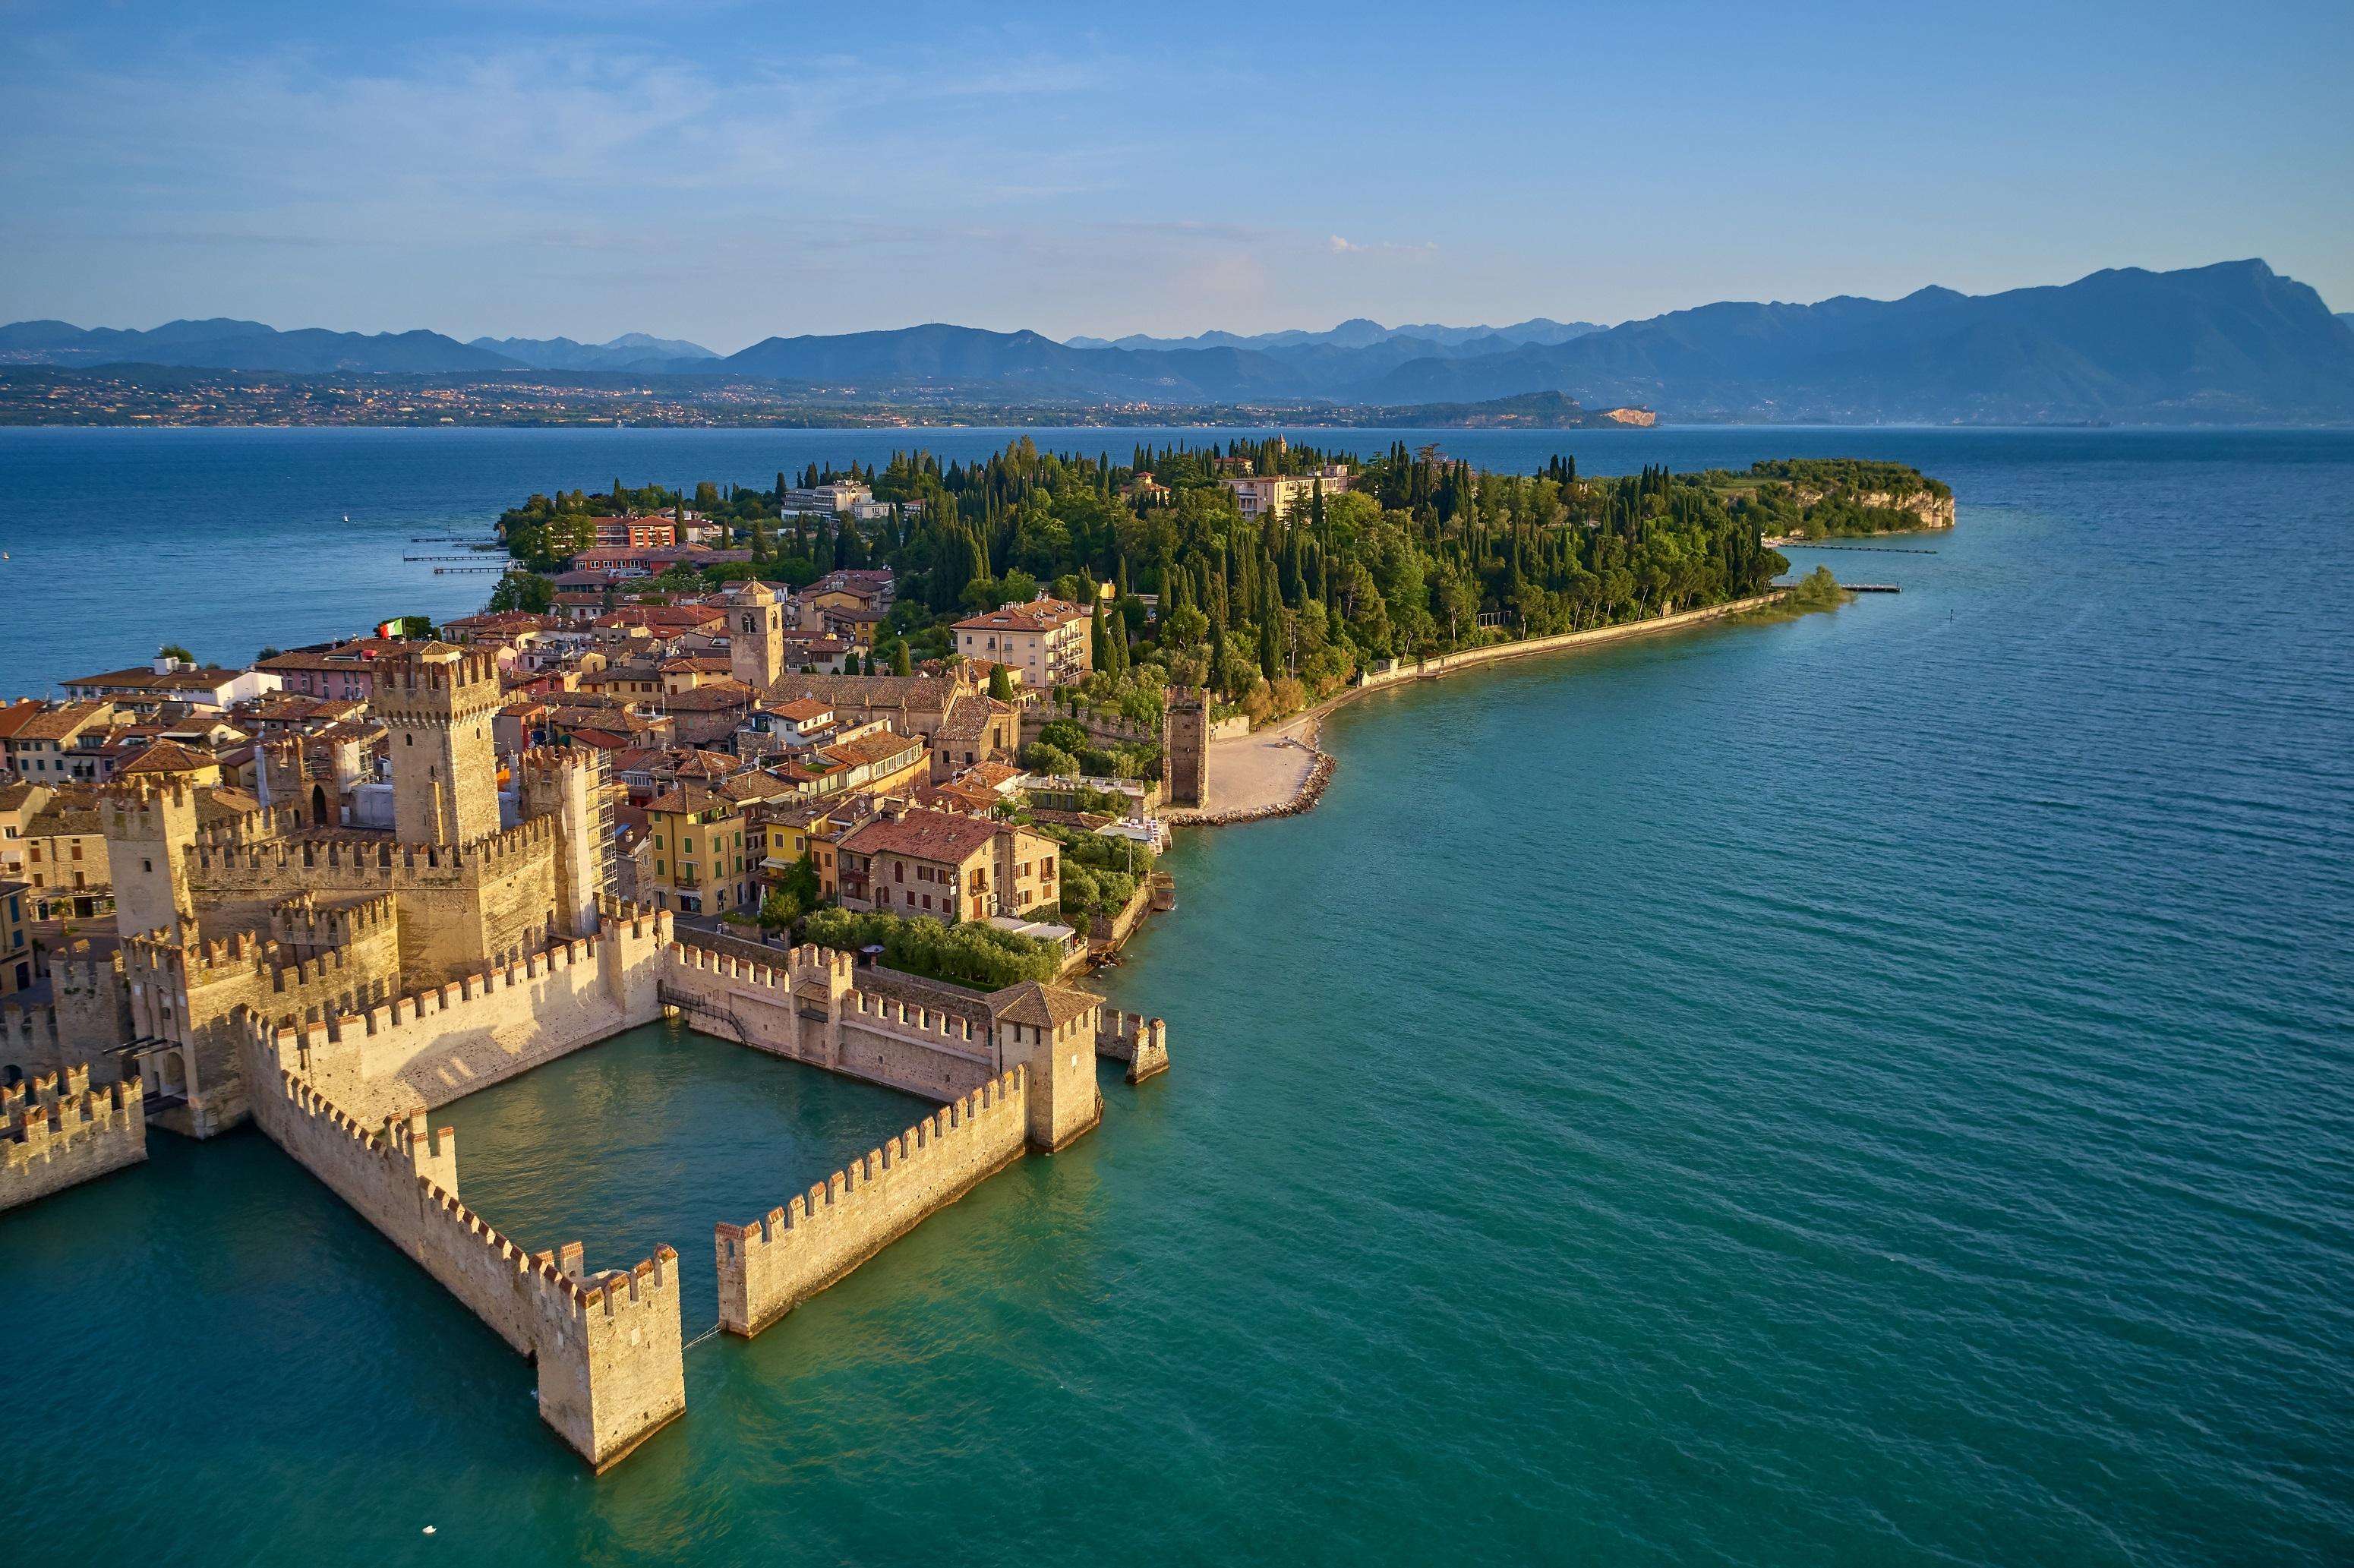 Sirmione-Lago di Garda-Brescia e provincia